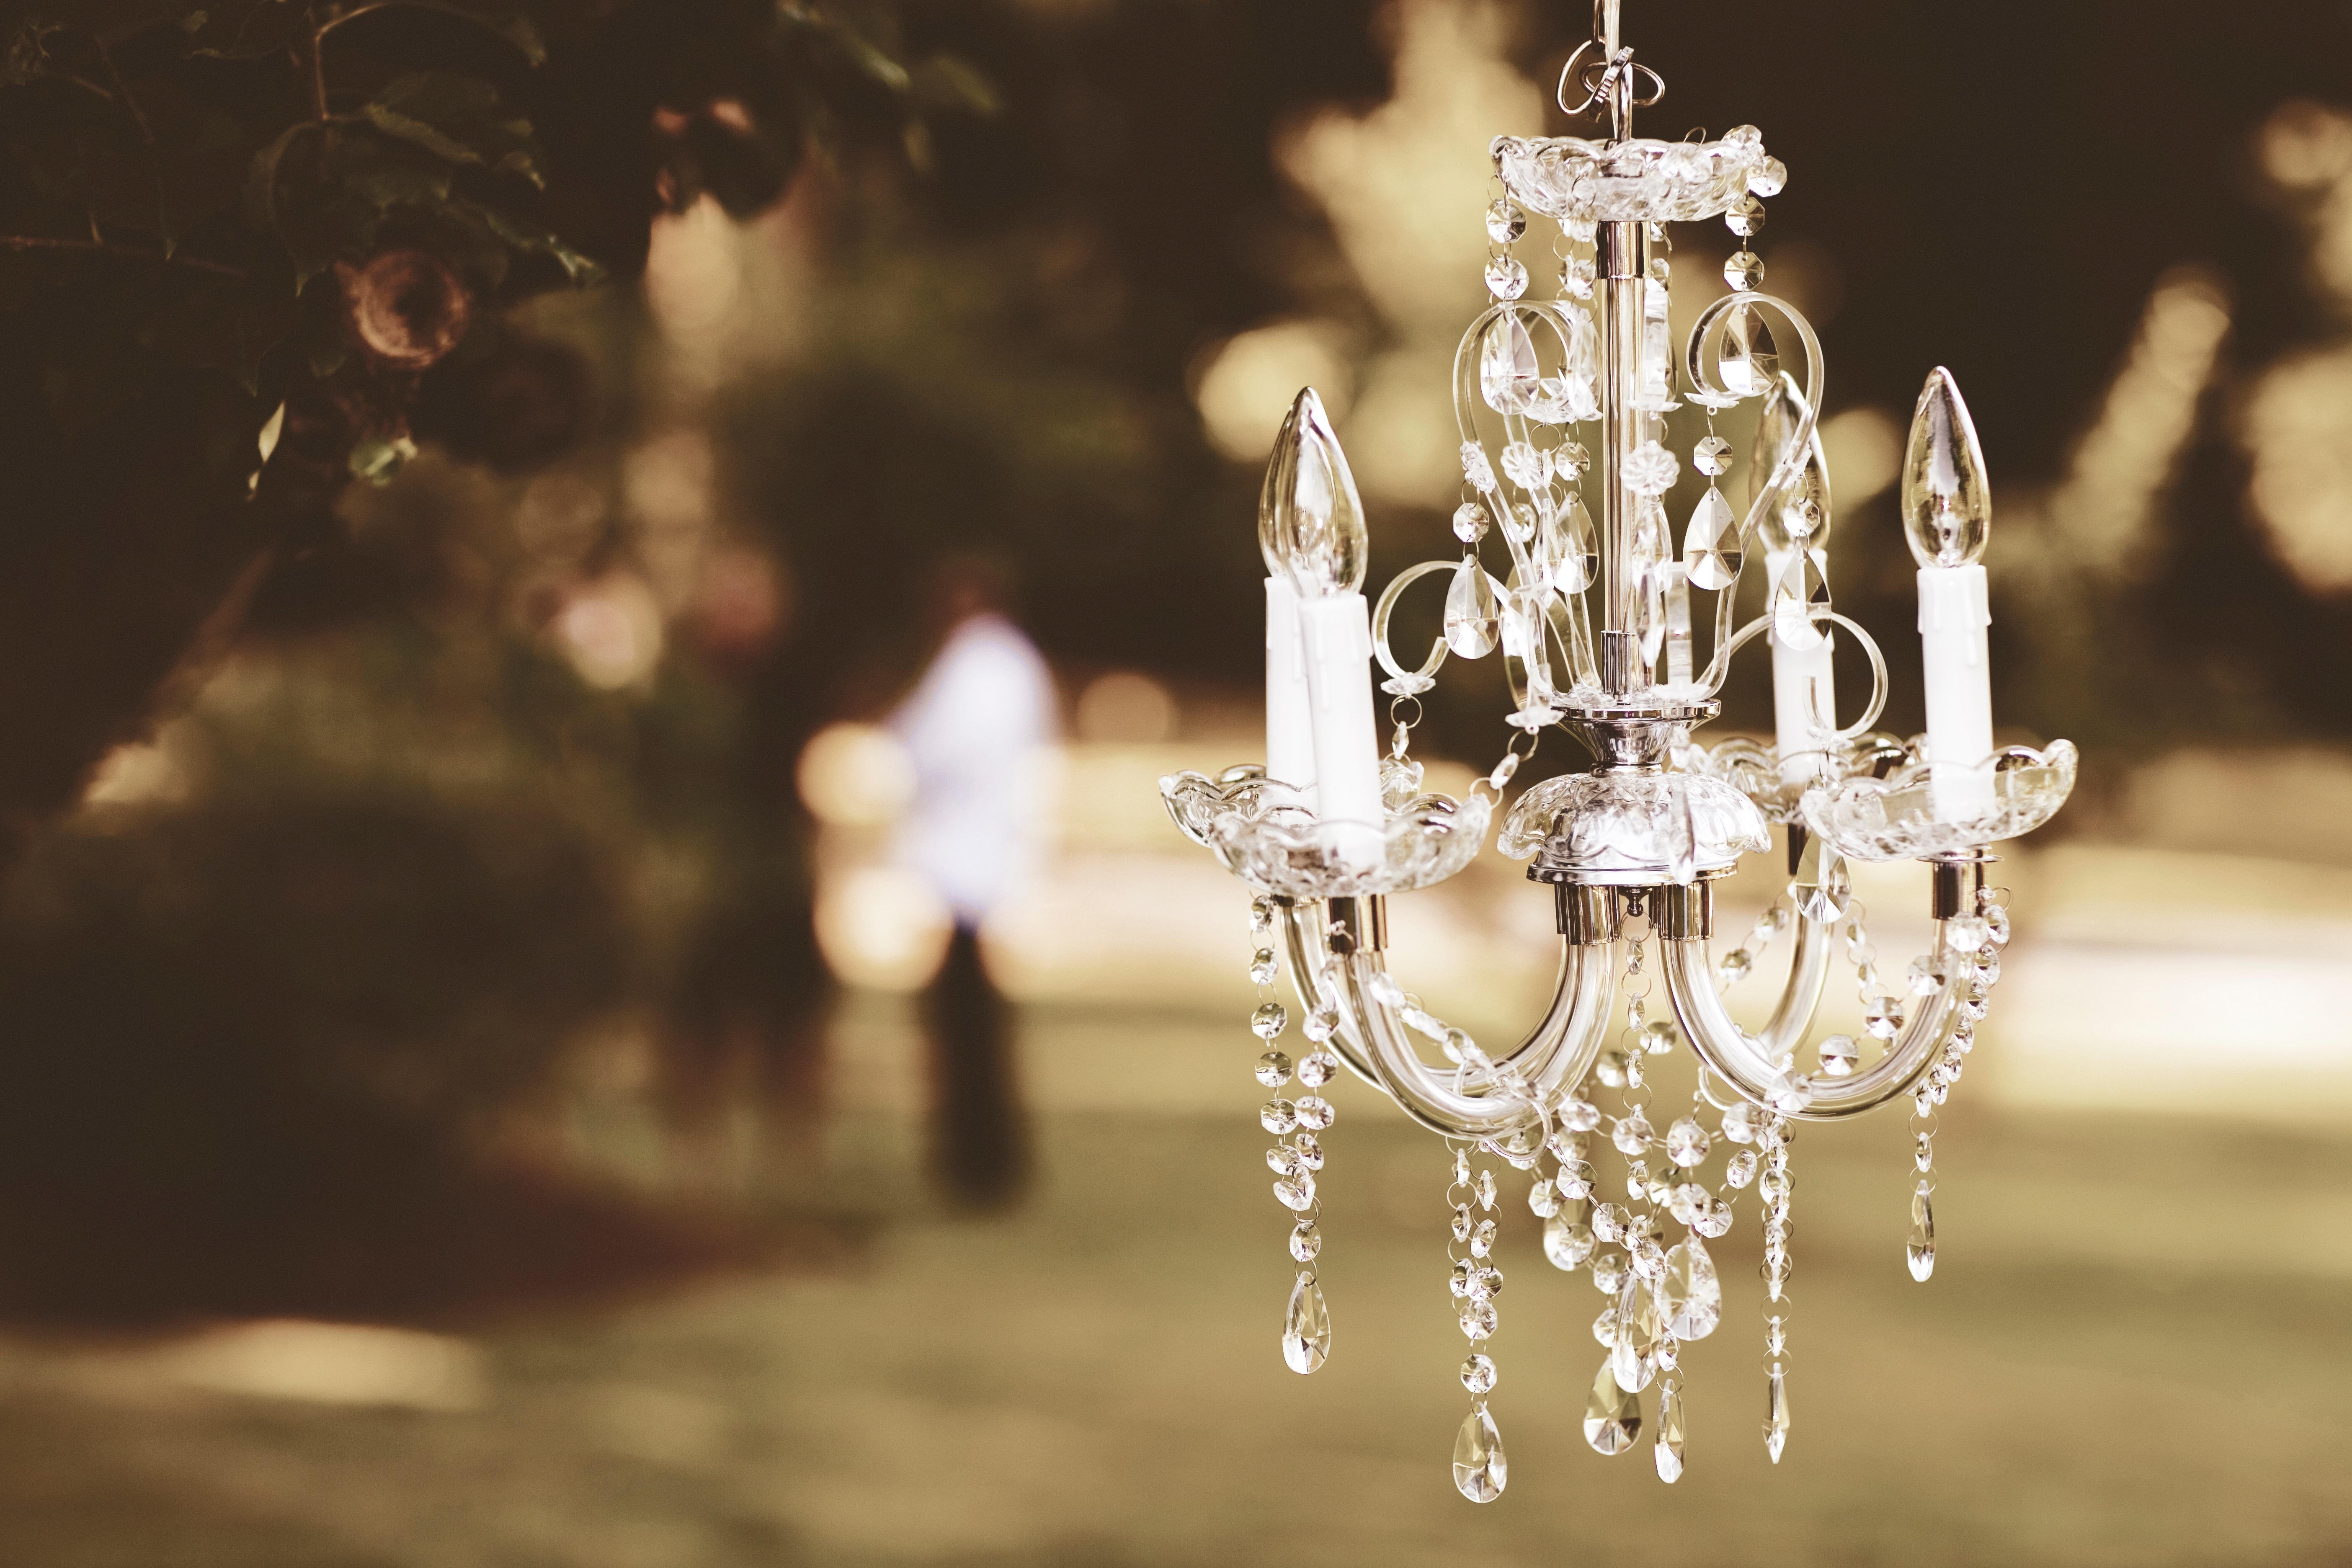 Gratis Afbeeldingen : lamp, verlichting, decor, kandelaar, lichtpunt ...